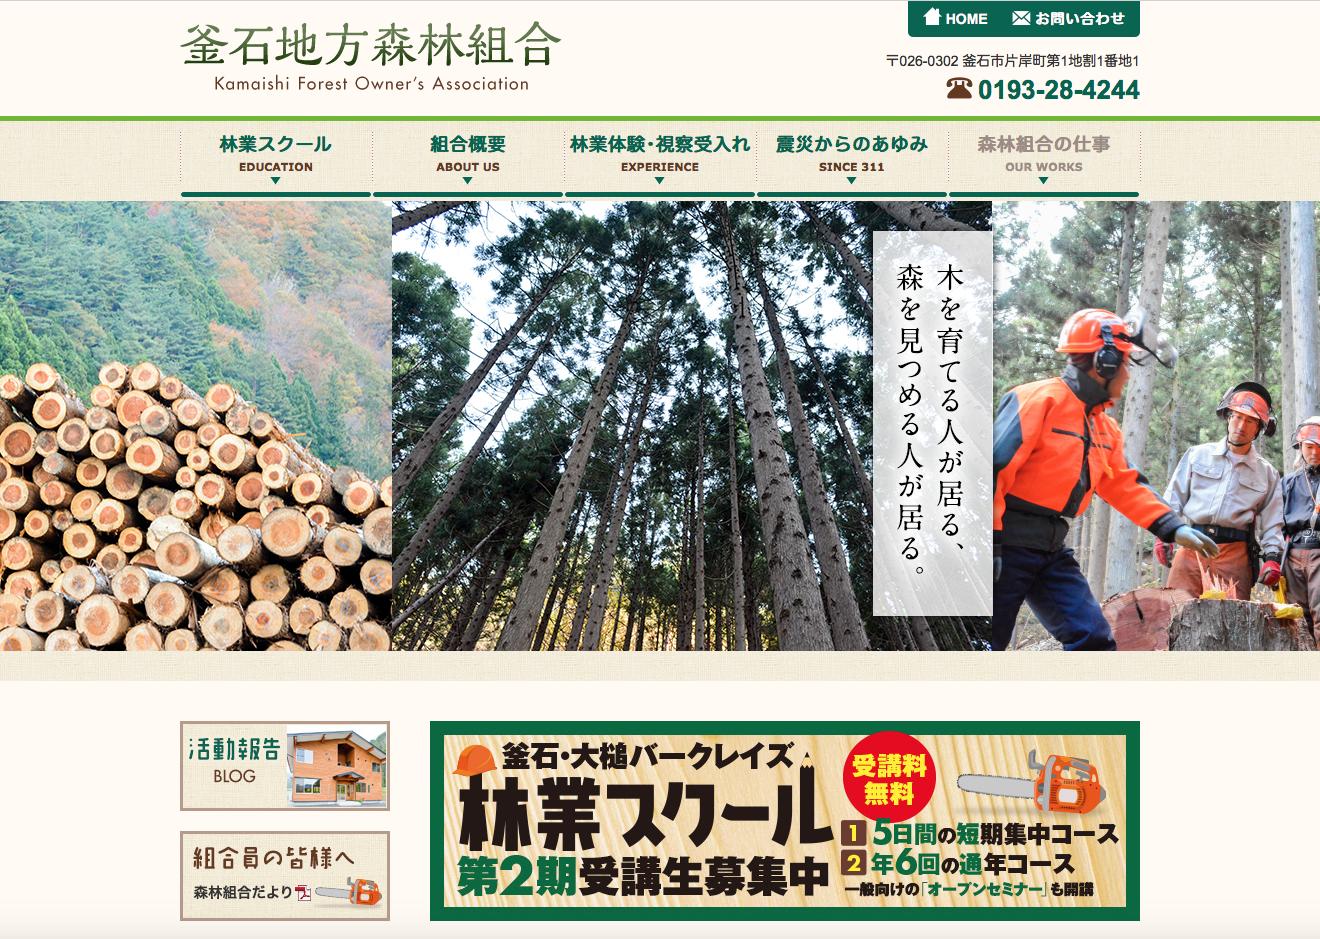 「林業スクール」釜石地方森林組合の取り組みが熱い!!